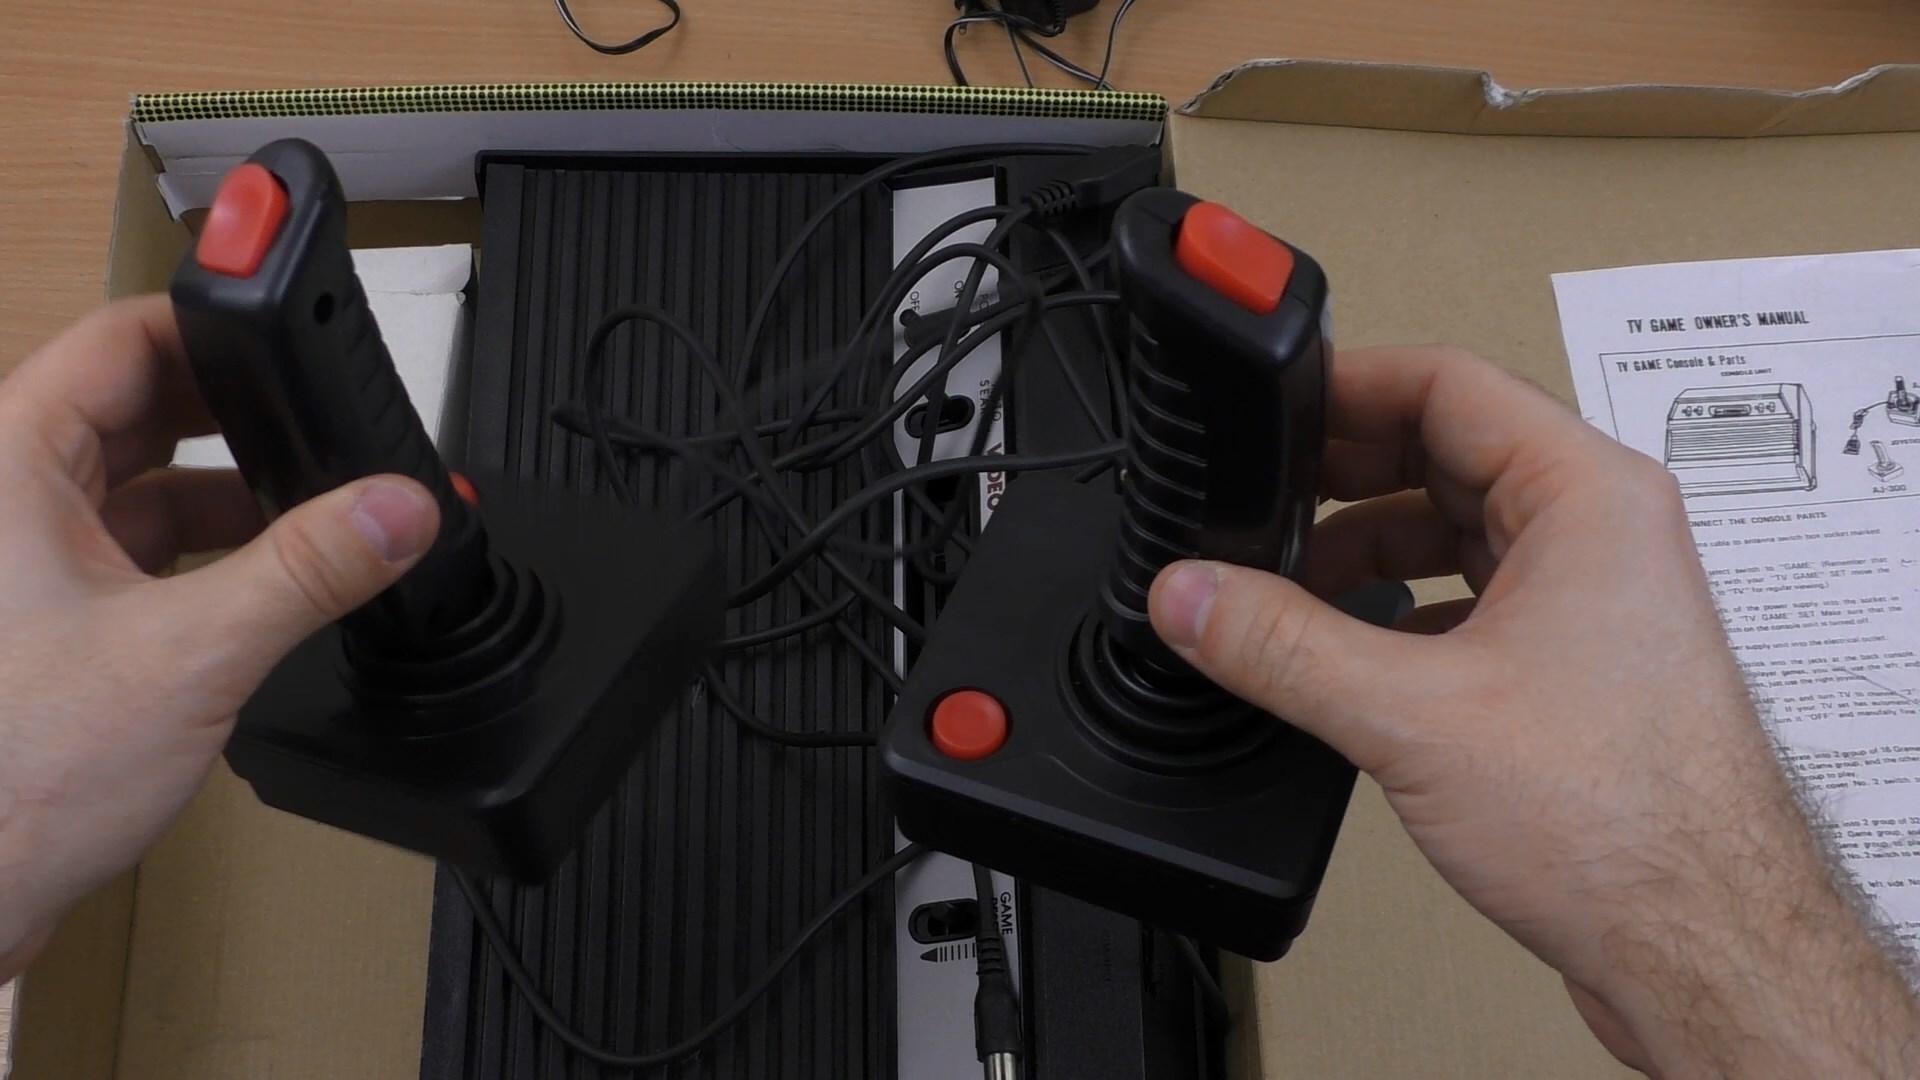 Rambo TV Games (Atari 2600) [статья с кучей фото и капелькой видео] - 9